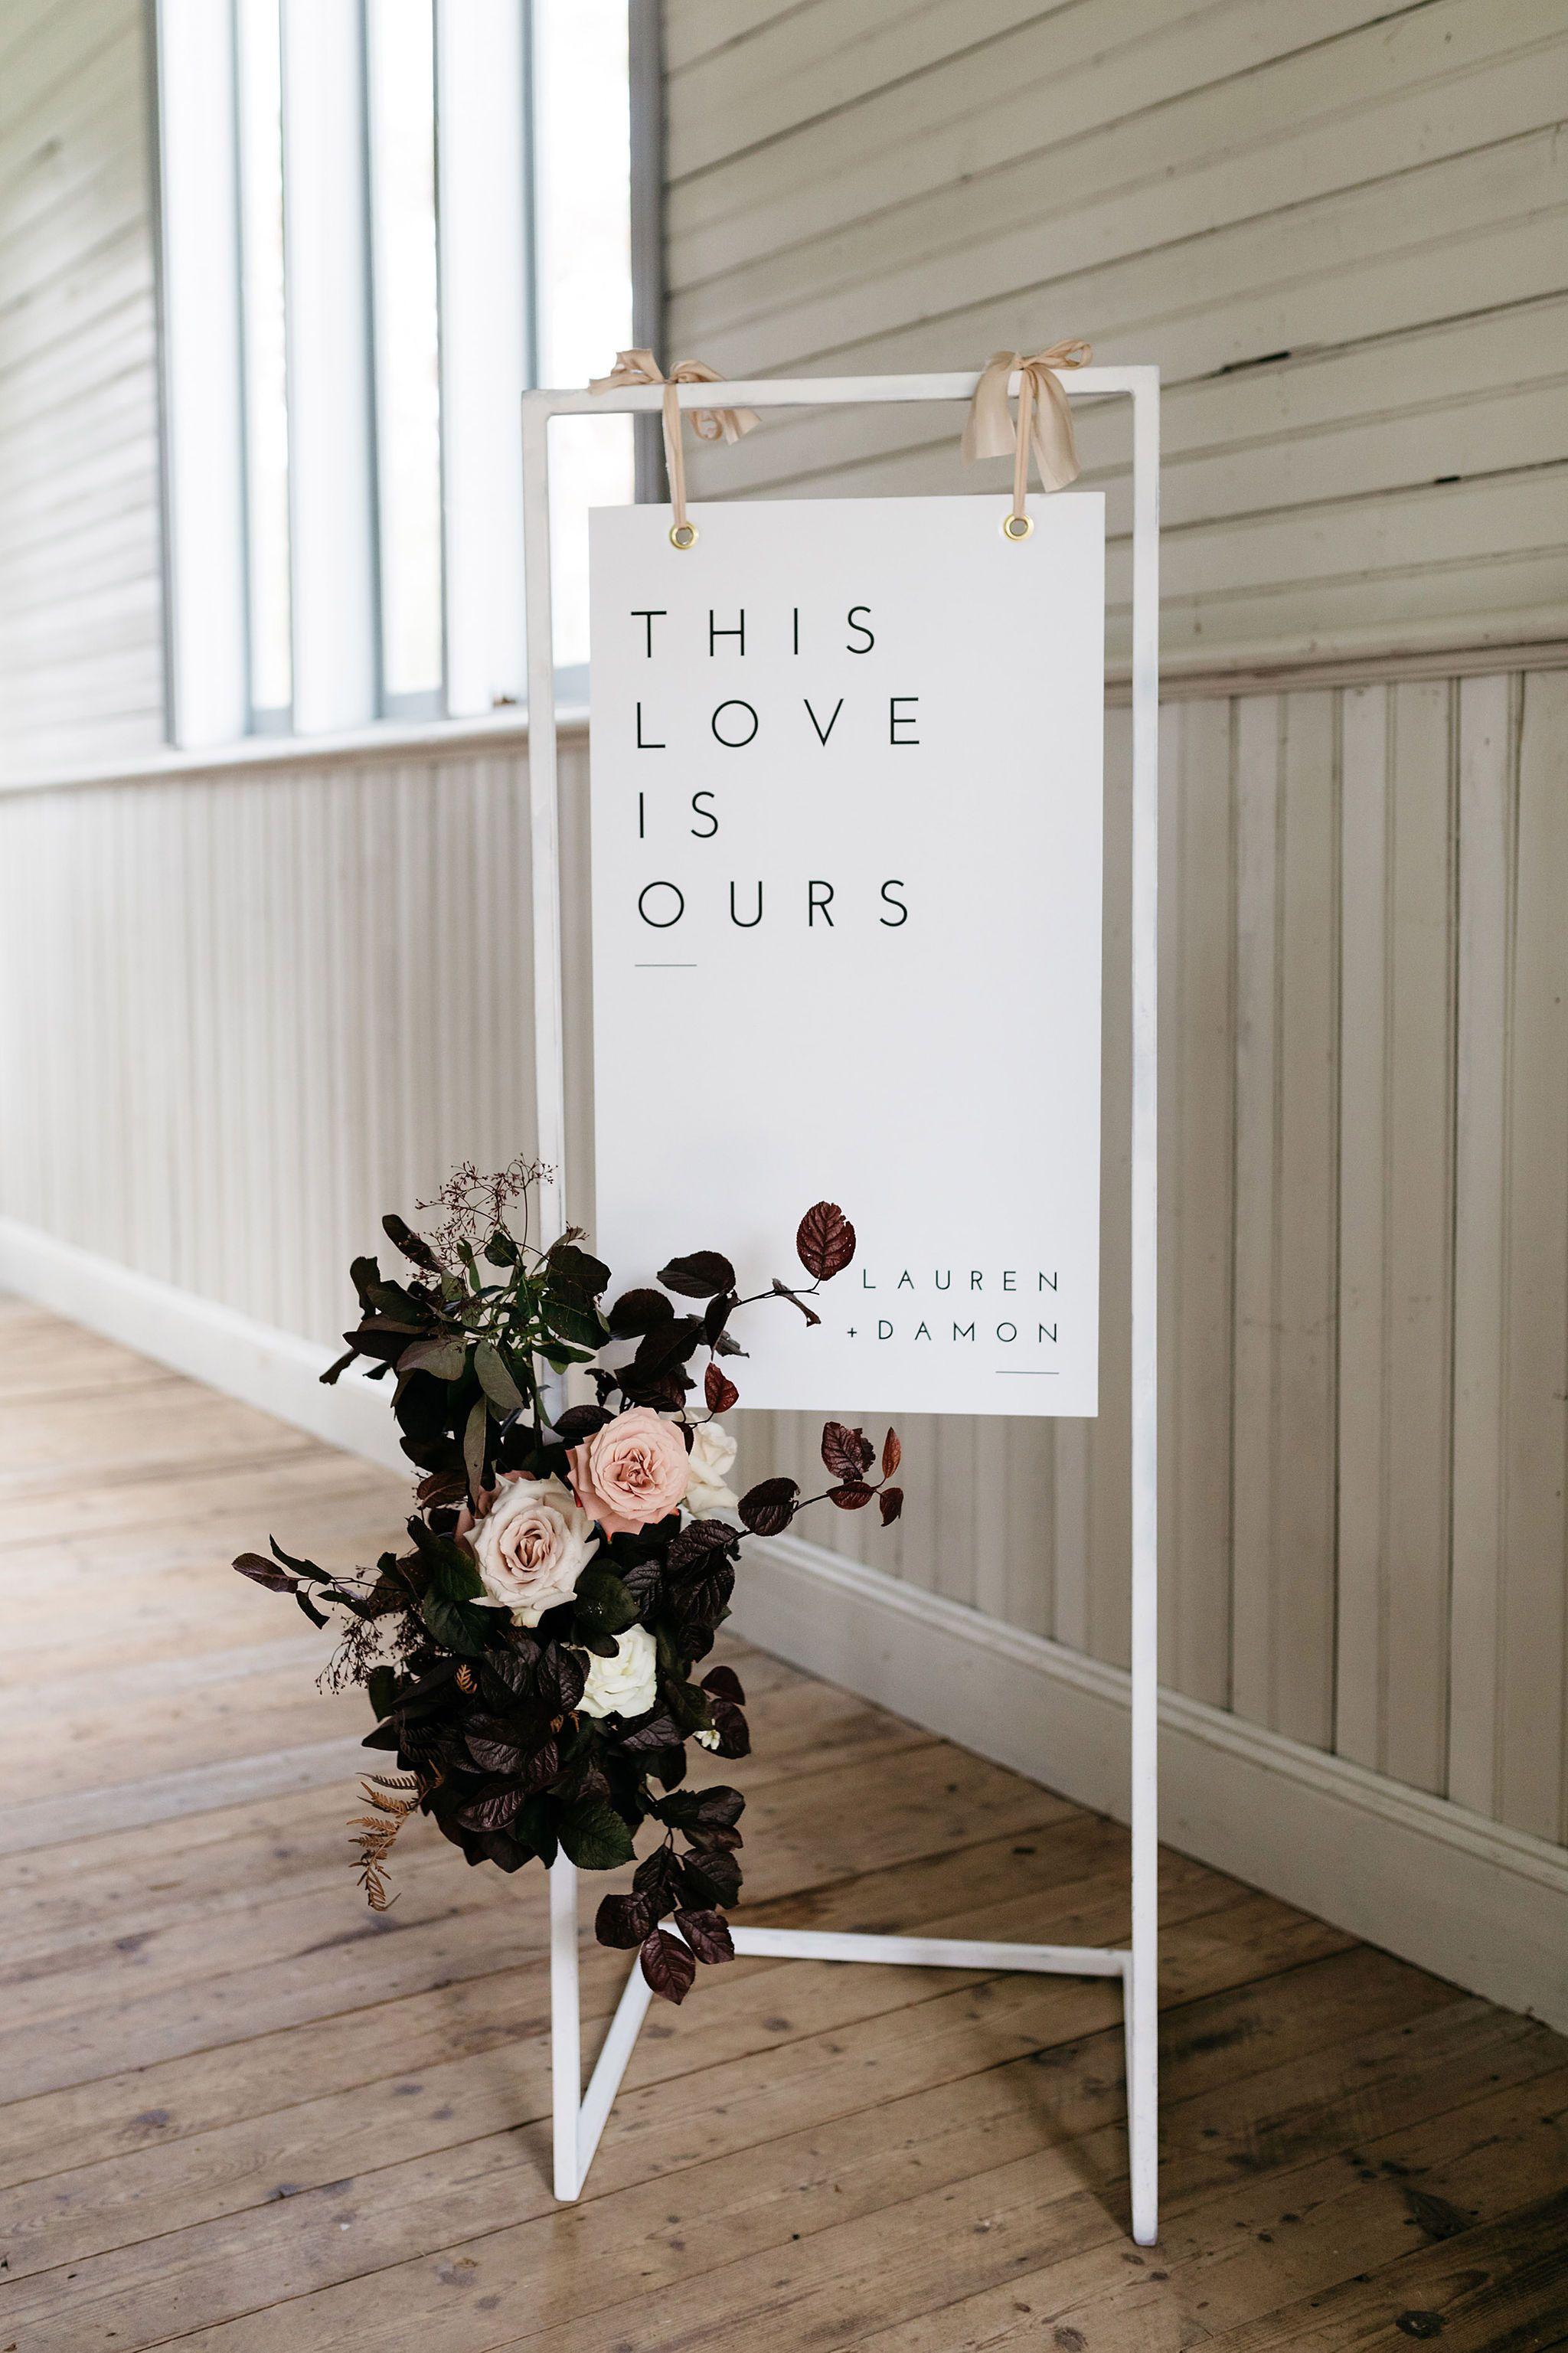 THE BRACEY WEDDING #weddingwelcomesign